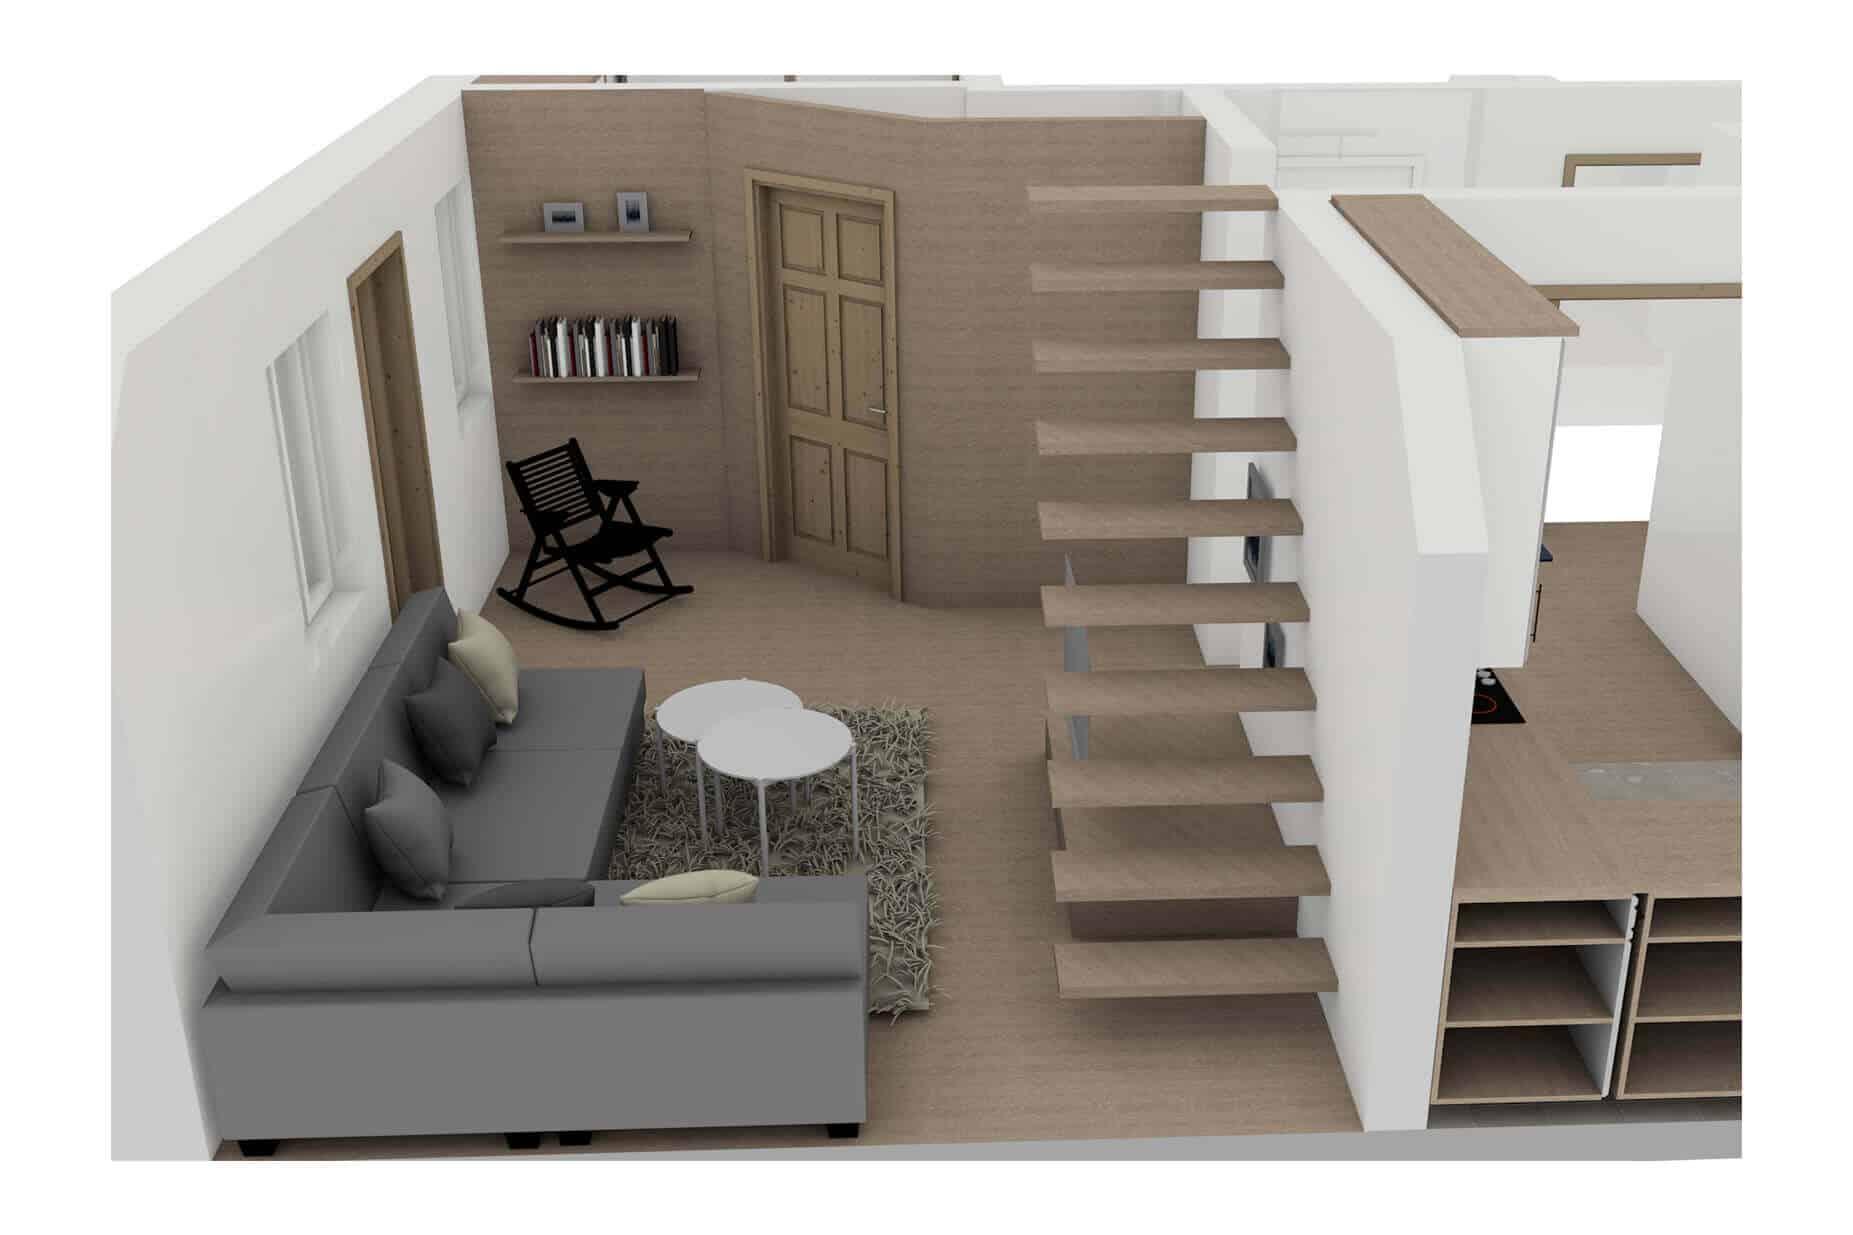 K-ARH_Katra-Crep_prenova-interierja-stanovanja-v-hisi